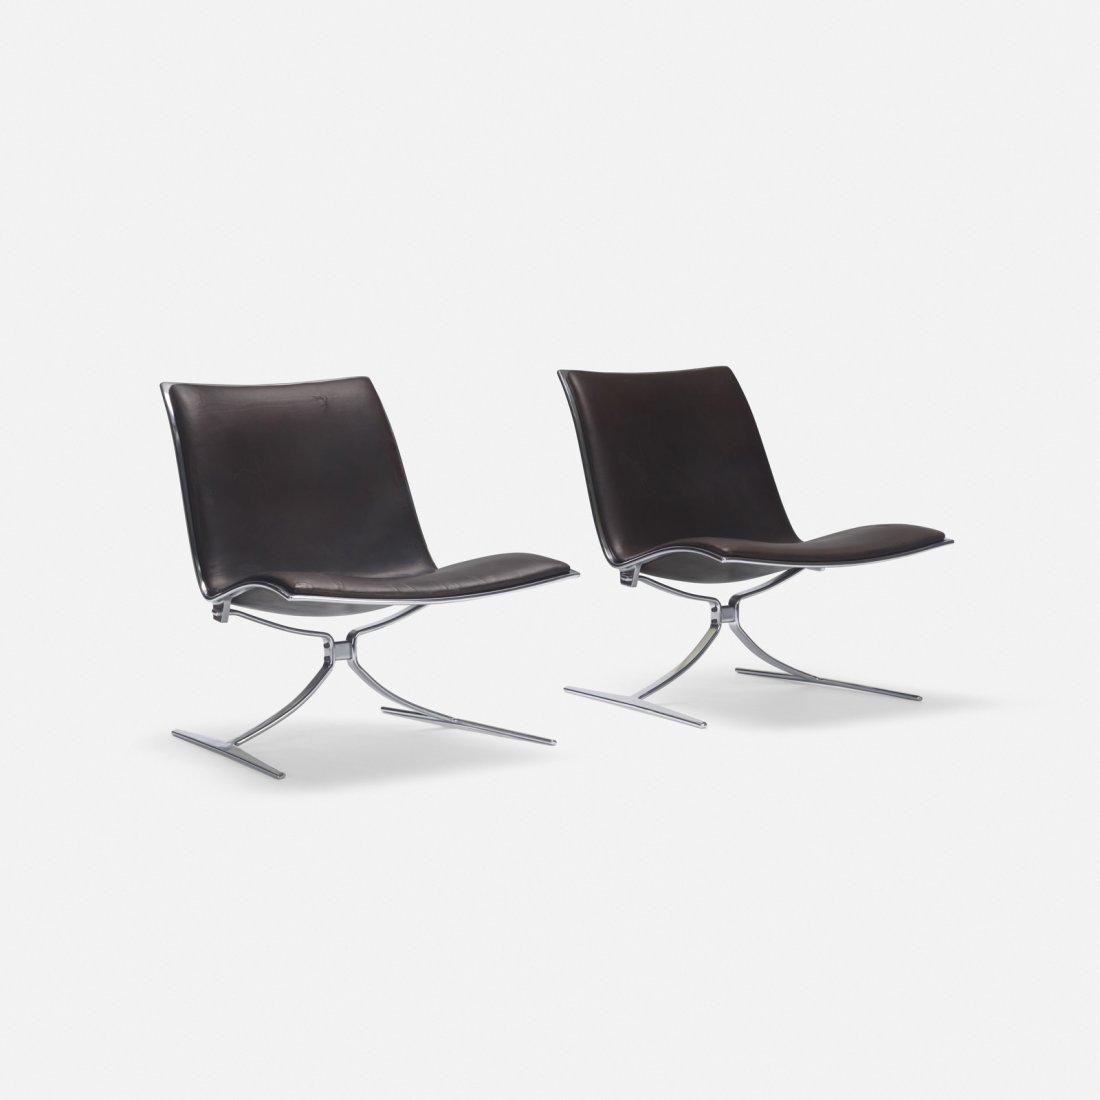 Preben Fabricius & Jorgen Kastholm, Skater chairs, pair